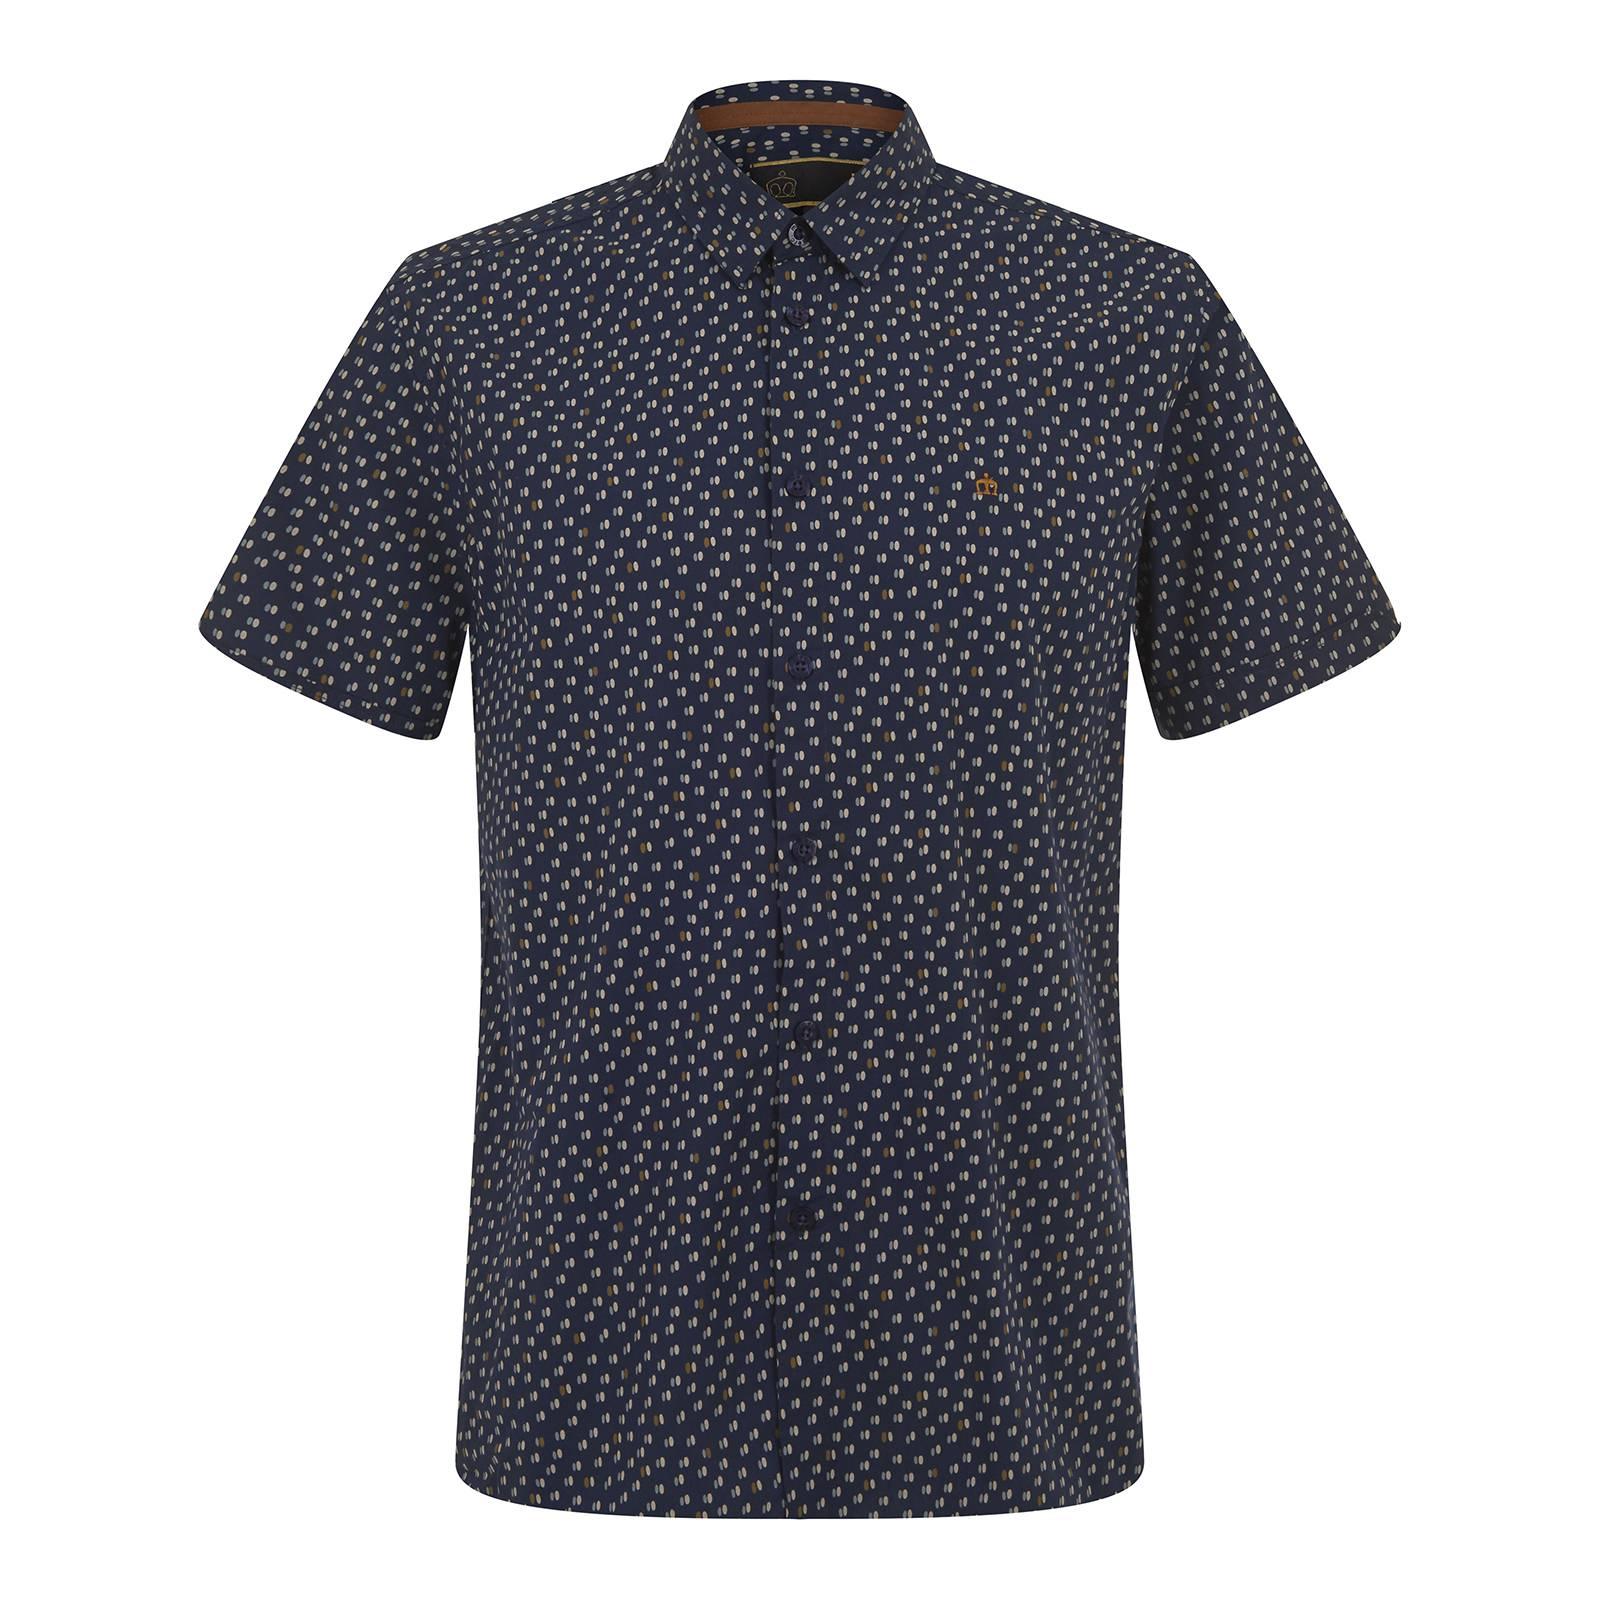 Рубашка HalpinС коротким рукавом<br>Классическая мужская рубашка покроя slim fit с коротким рукавом. Изготовлена из легкой хлопчатобумажной ткани поплин – традиционного в производстве сорочек текстильного полотна. Мелкий сплошной узор представляет собой стилизацию знаменитого орнамента polka-dot в виде парных овалов в мягких и приятных глазу тонах. Имеет облегающие манжеты и классический воротник Кент, сочетающийся с узким галстуком. Брендирована фирменным логотипом Корона, вышитым контрастными золотыми нитями на груди слева. Эта рубашка органично впишется в летний вариант делового smart casual гардероба. Фигурный низ изделия и удлиненная спинка позволяют с комфортом заправлять её в брюки. Кроме того можно носить и навыпуск, комбинируя с чиносами, шортами или джинсами. На этот случай дизайнерами предусмотрена приятная деталь – декоративные, в тон лого и основного узора, оранжевые накладки по бокам в области припуска по низу изделия.<br><br>Артикул: 1516103<br>Материал: 100% хлопок<br>Цвет: темно-синий<br>Пол: Мужской